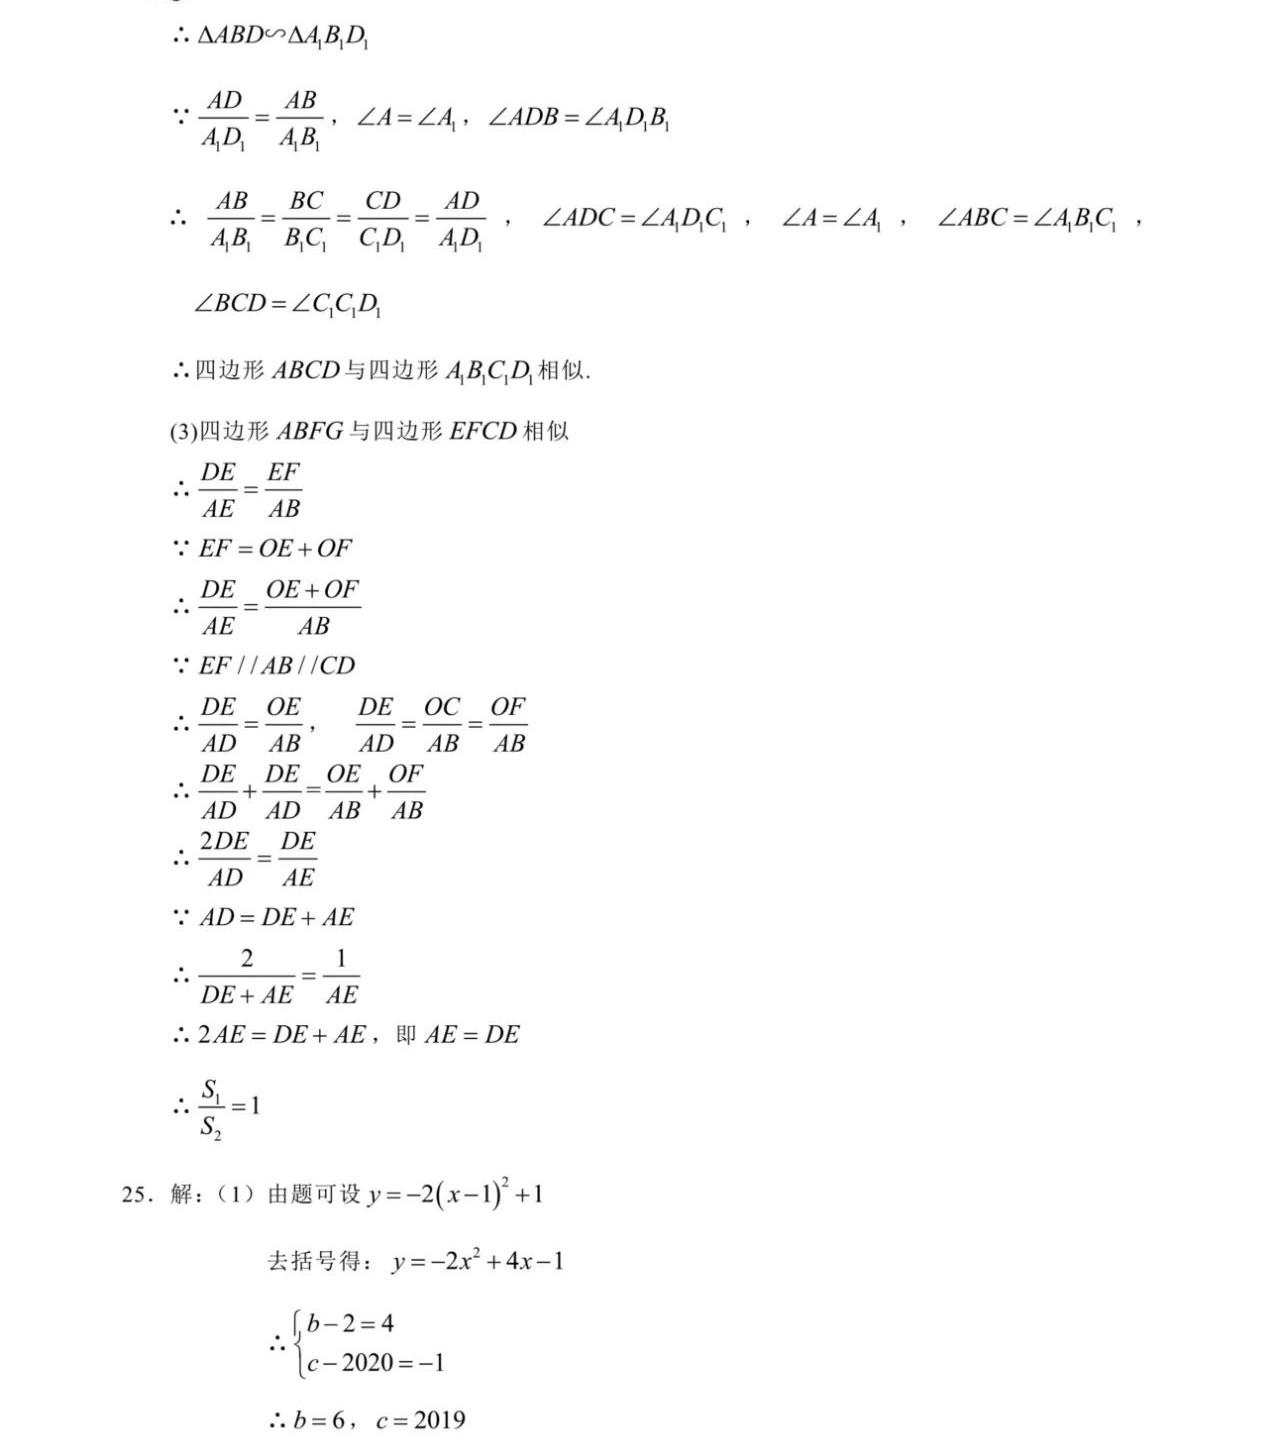 2019年湖南長沙中考數學真題及答案【圖片版】9.jpg